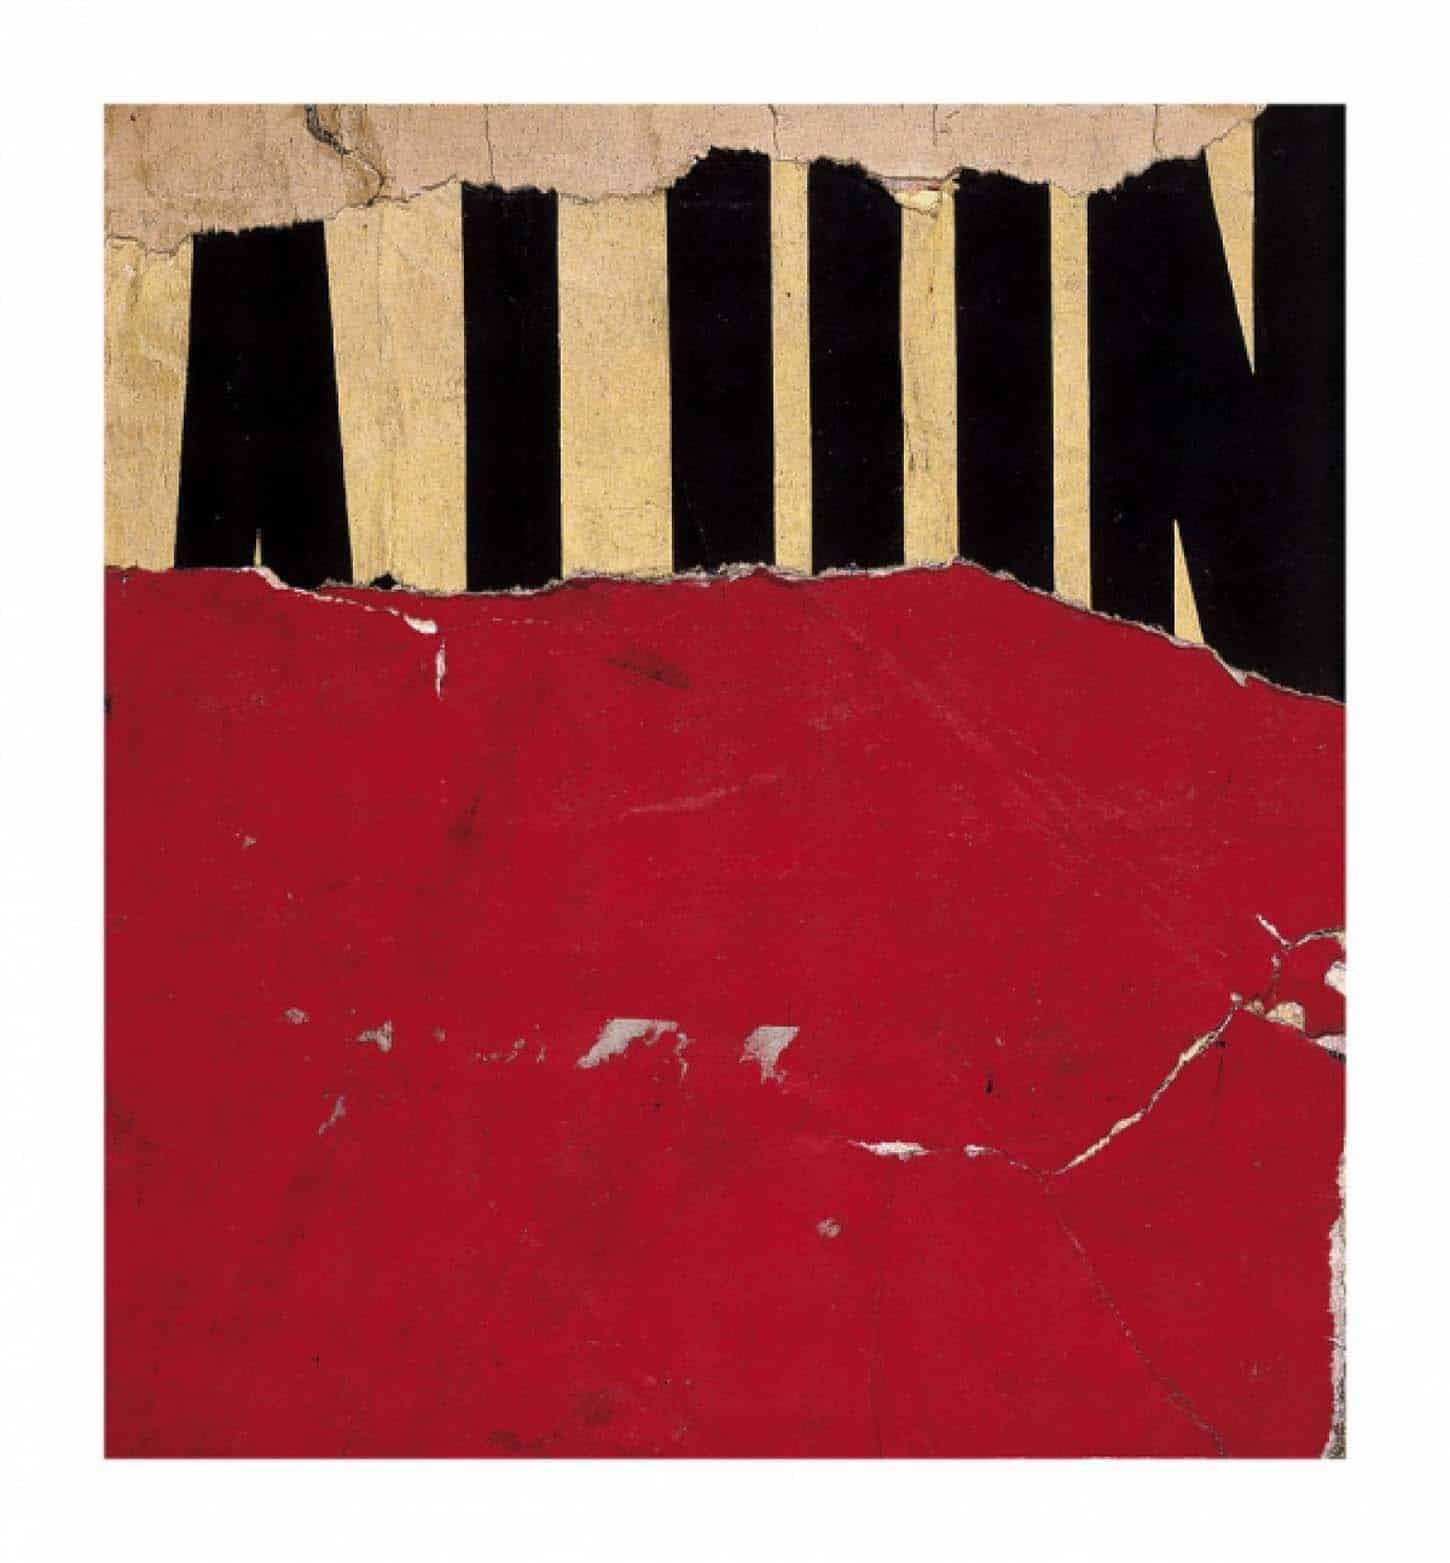 Jacques Villeglé, Rue de la grille Digigraphie sur BFK Rives, 310gr, 60,4 x 55,9 cm, 20 ex, 2013.